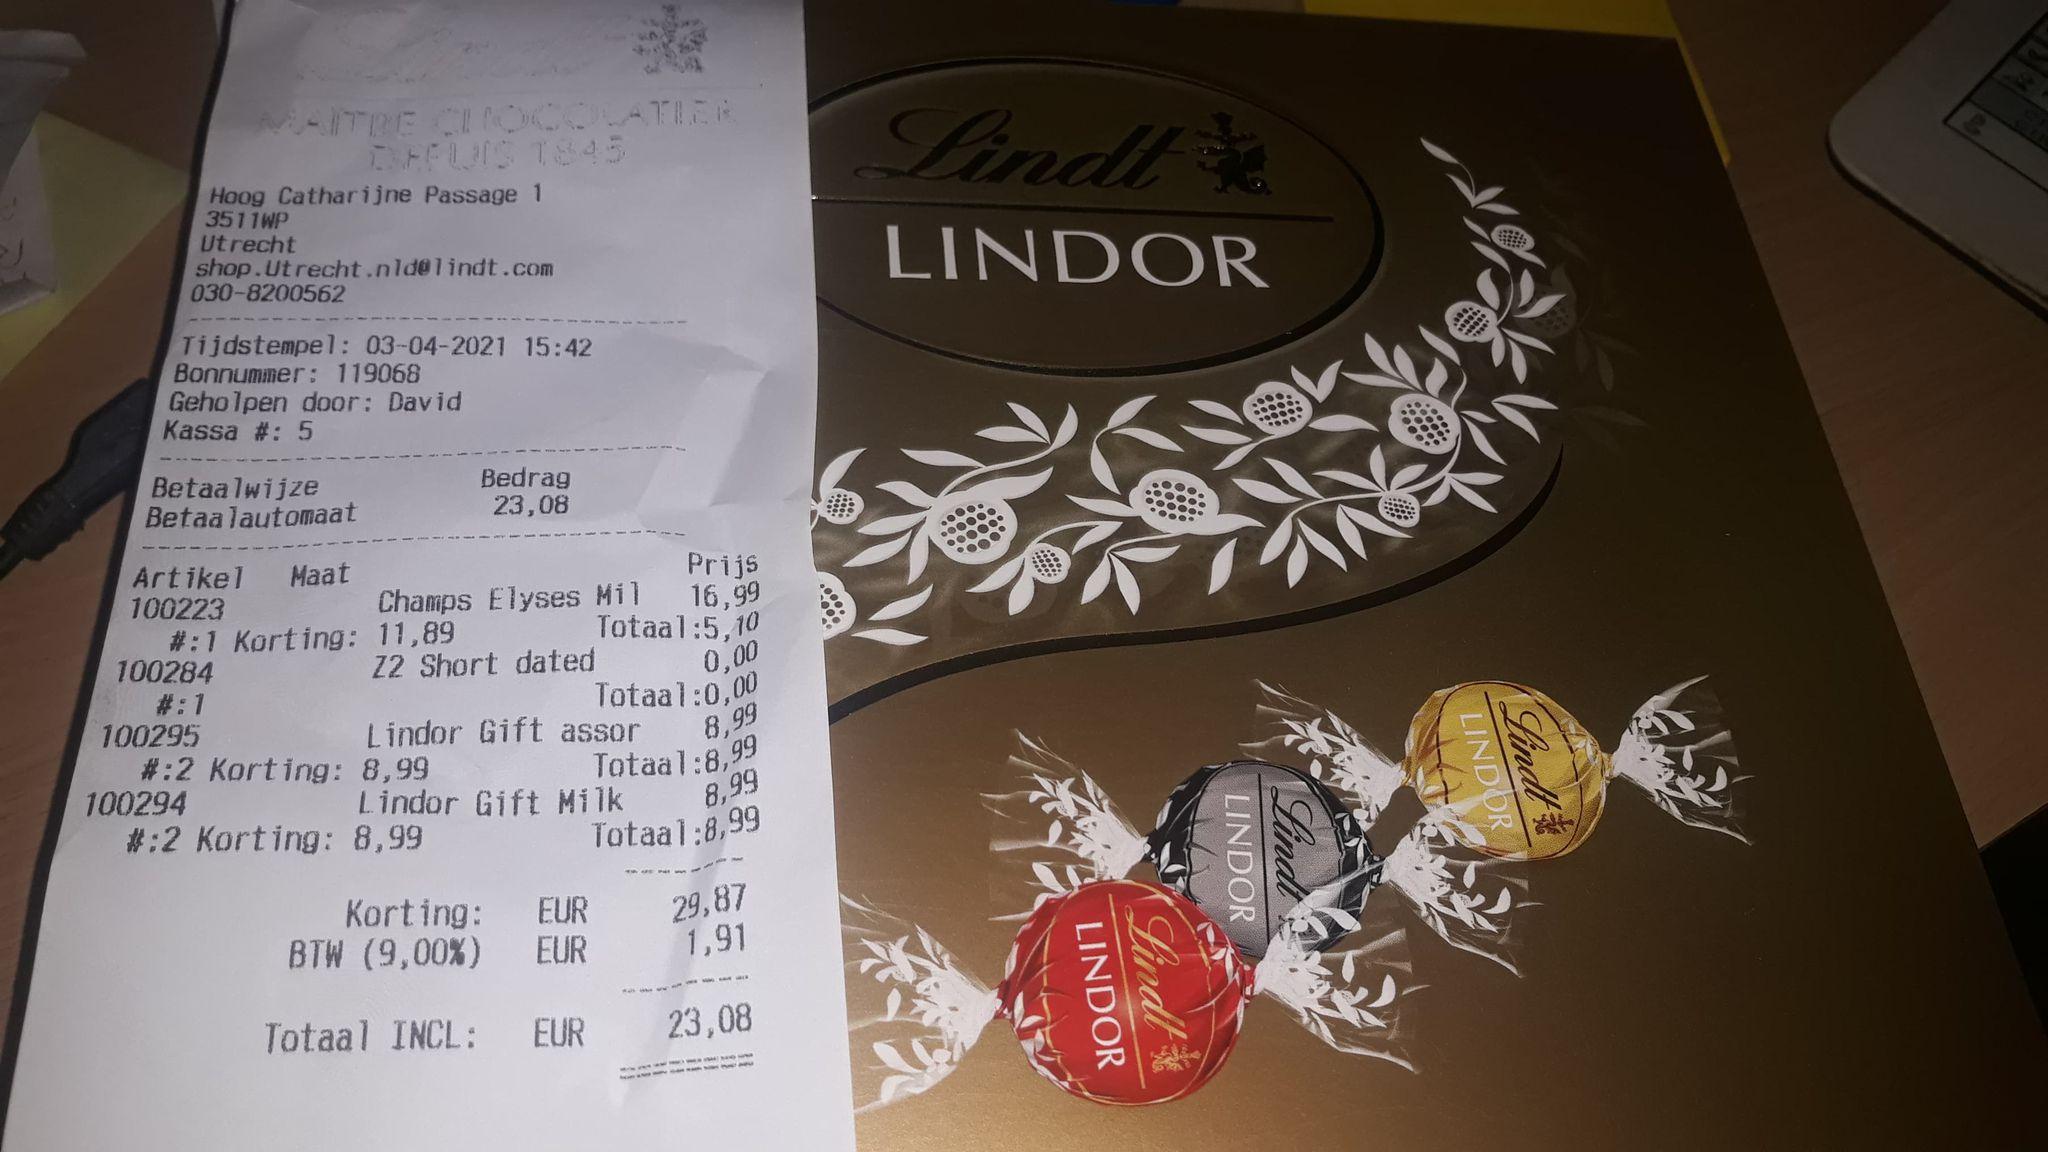 Lindt/Lindor bonbons 2e verpakking gratis bij Lindt Utrecht